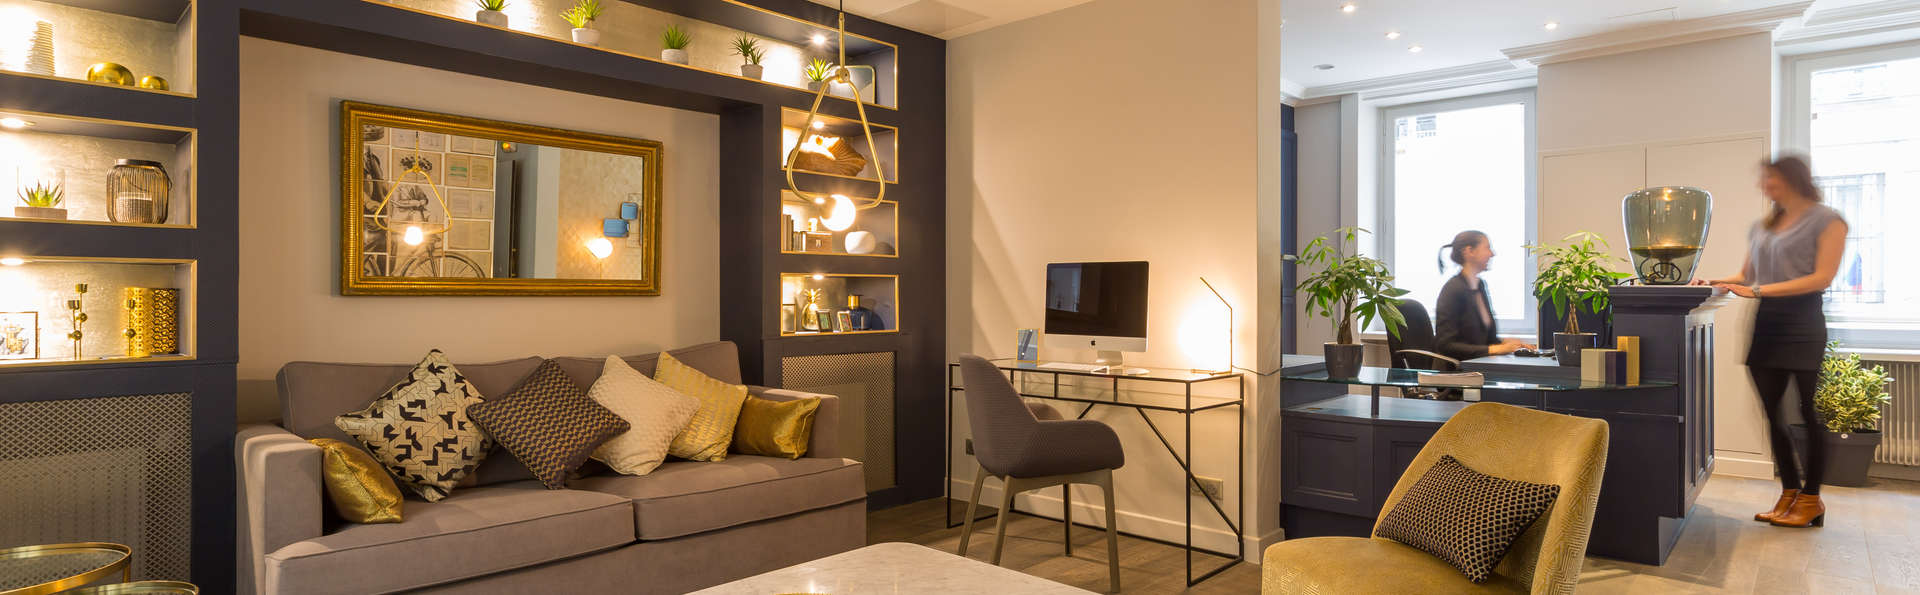 hotel avec jacuzzi dans la chambre ile de france